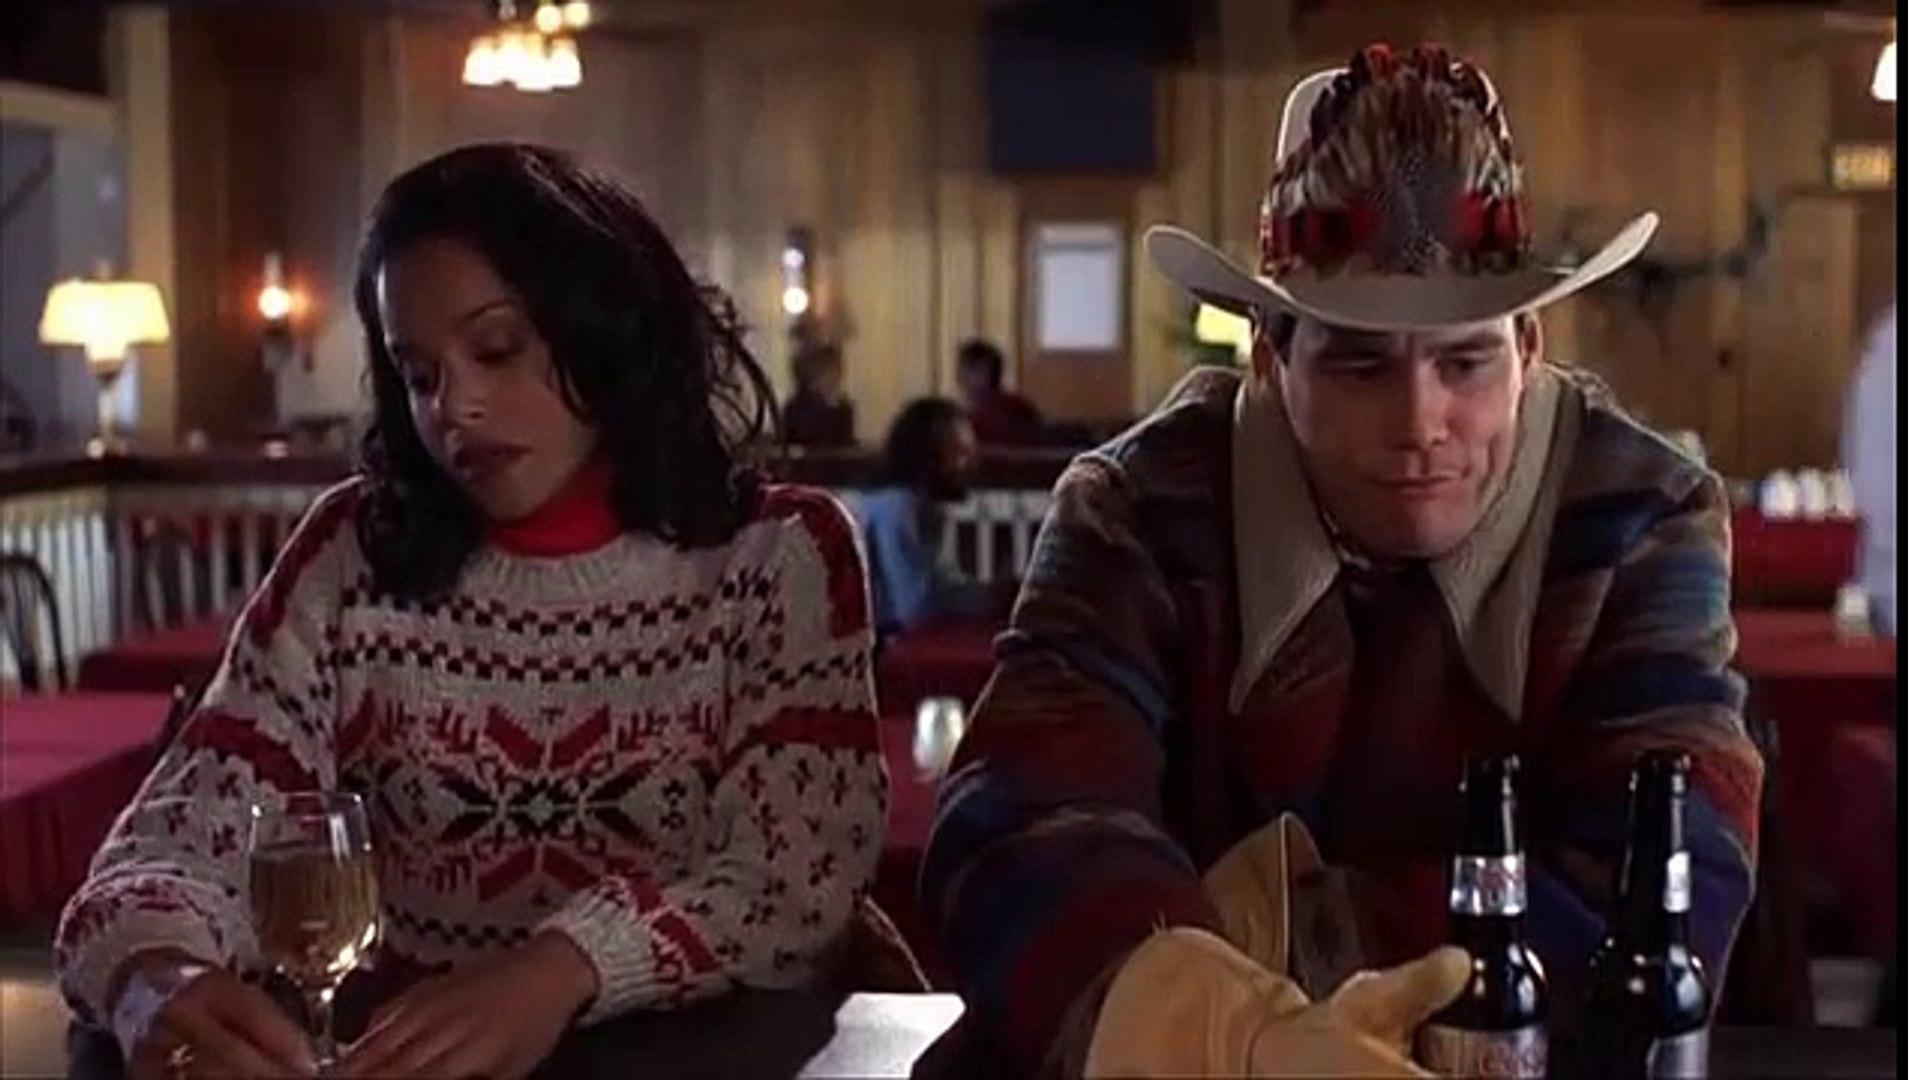 Dumb & Dumber - Bar scene, Waiting for Mary